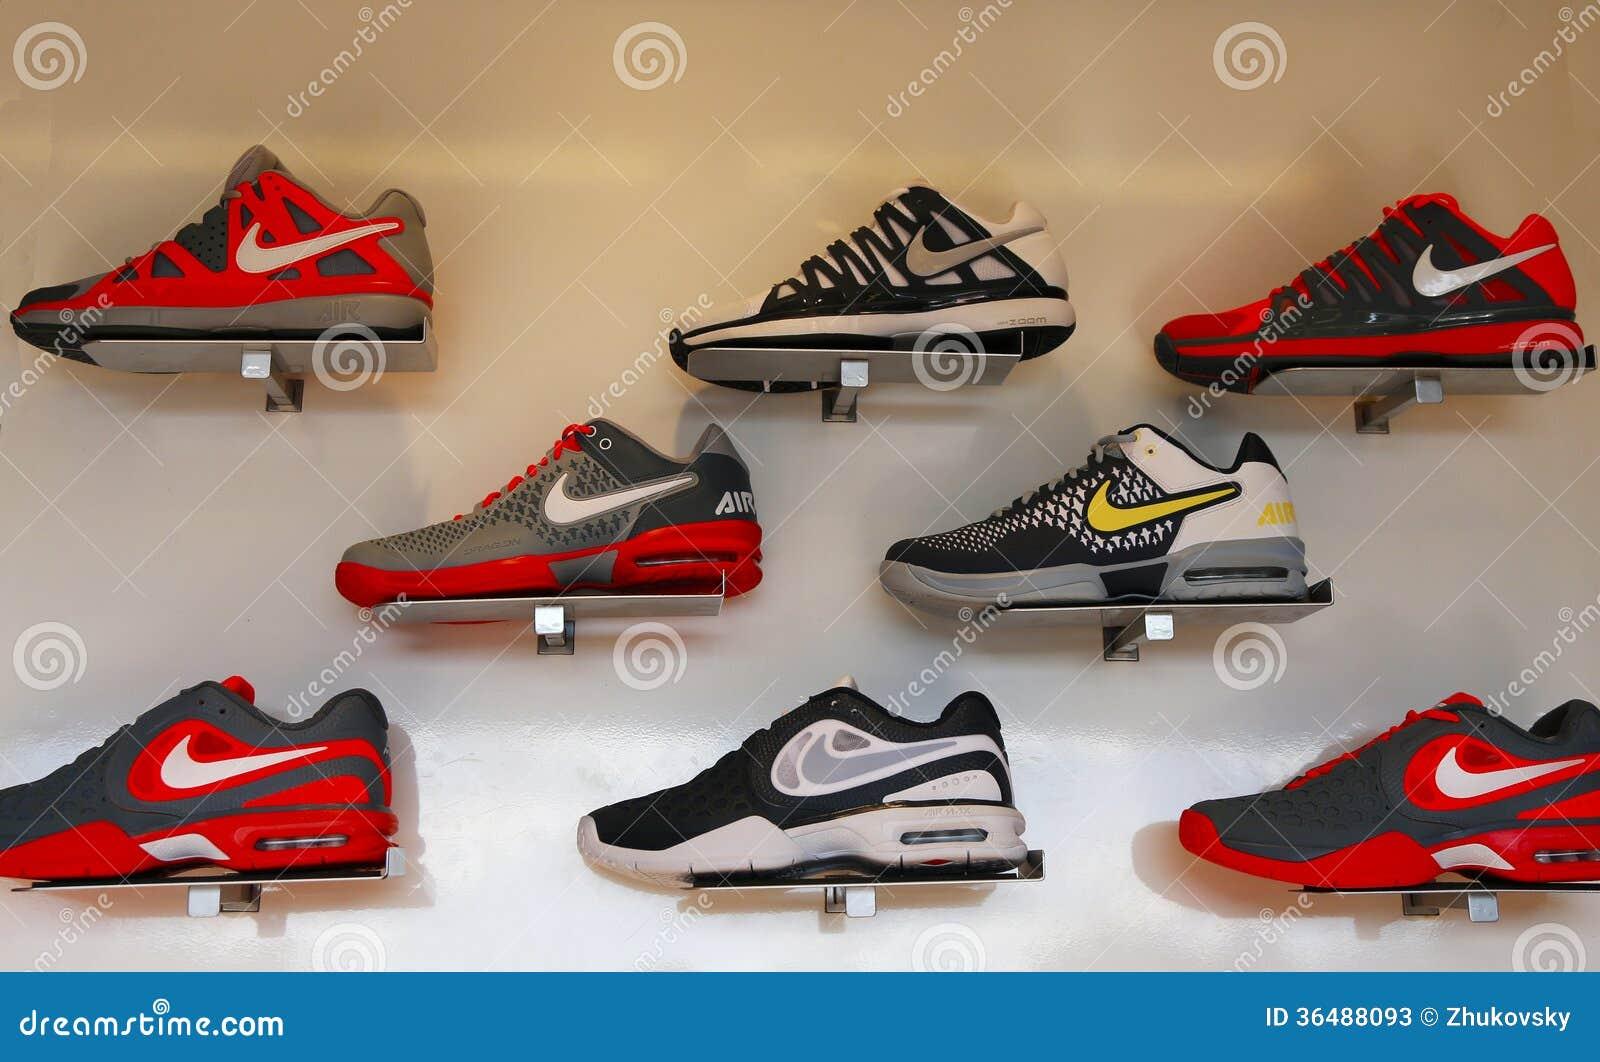 chaussures de séparation 3bbb3 61785 Nike A Présenté La Nouvelle Collection De Chaussures De ...